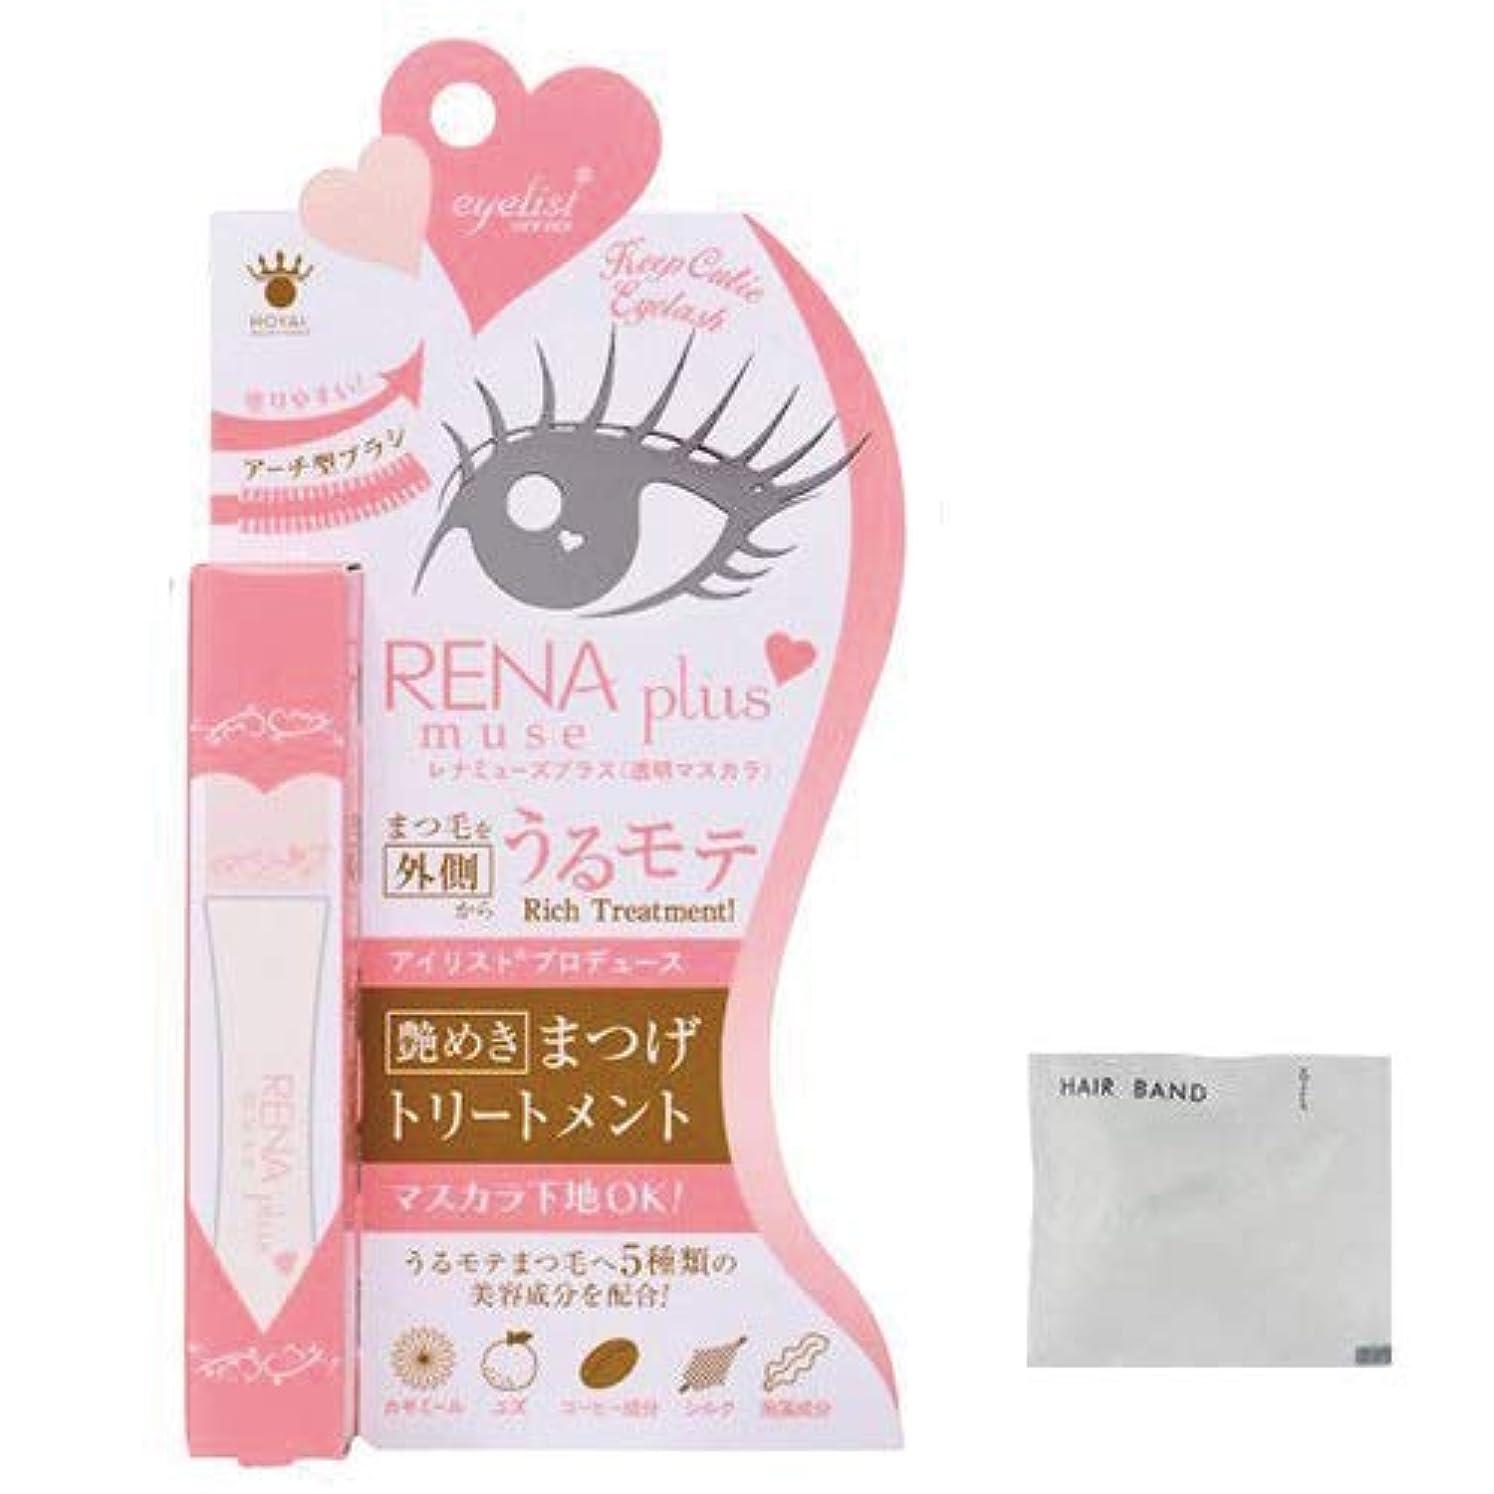 疾患釈義キッチンアイリスト(eyelist) RENA muse plus(レナミューズプラス) 8g + ヘアゴム(カラーはおまかせ)セット